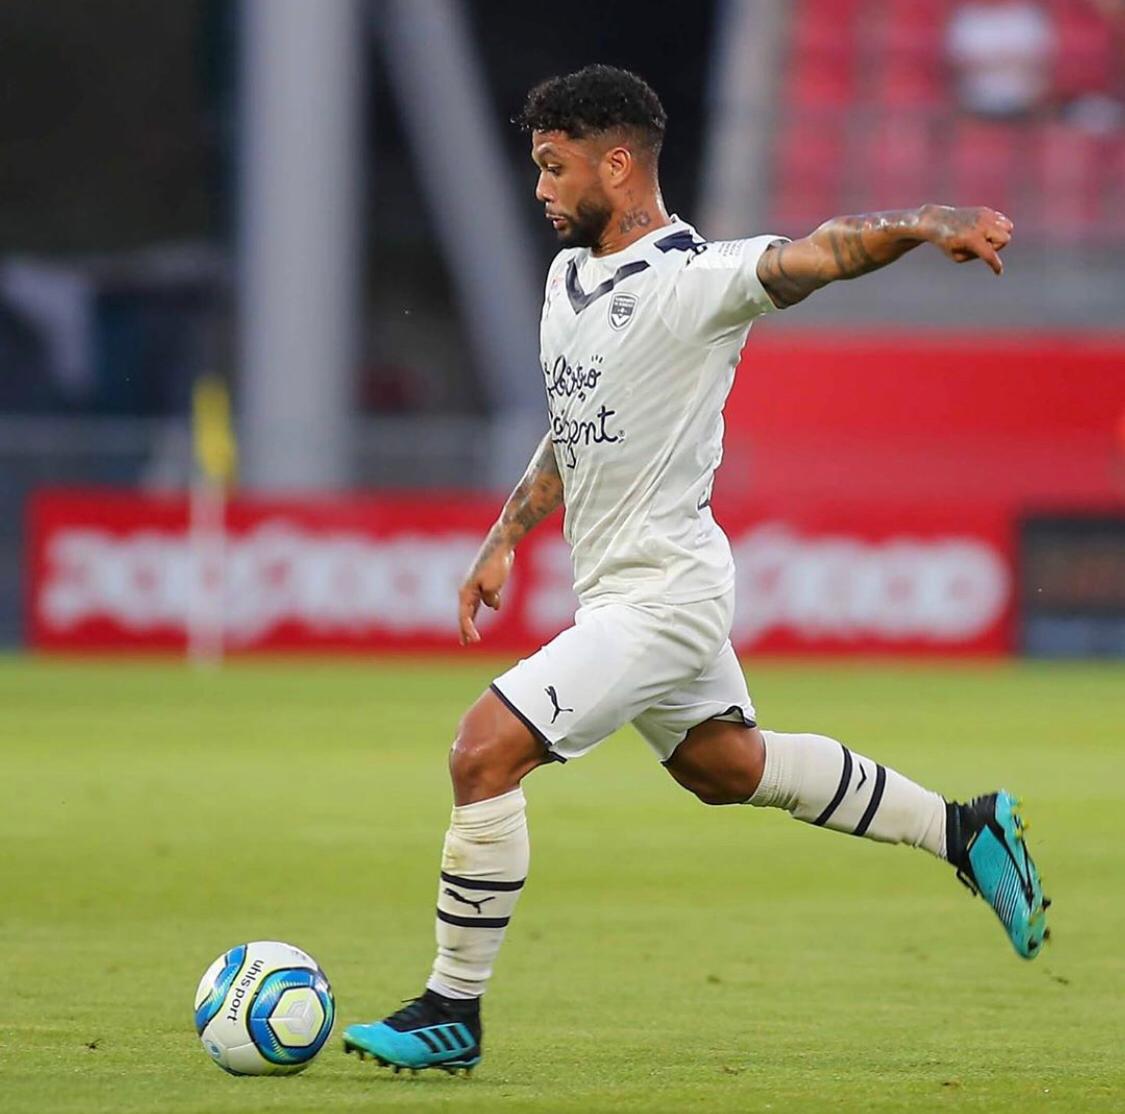 Gols, zona de classificação para Champions League e jogador de linha com mais minutos em campo, Otávio vive grande fase no Bordeaux